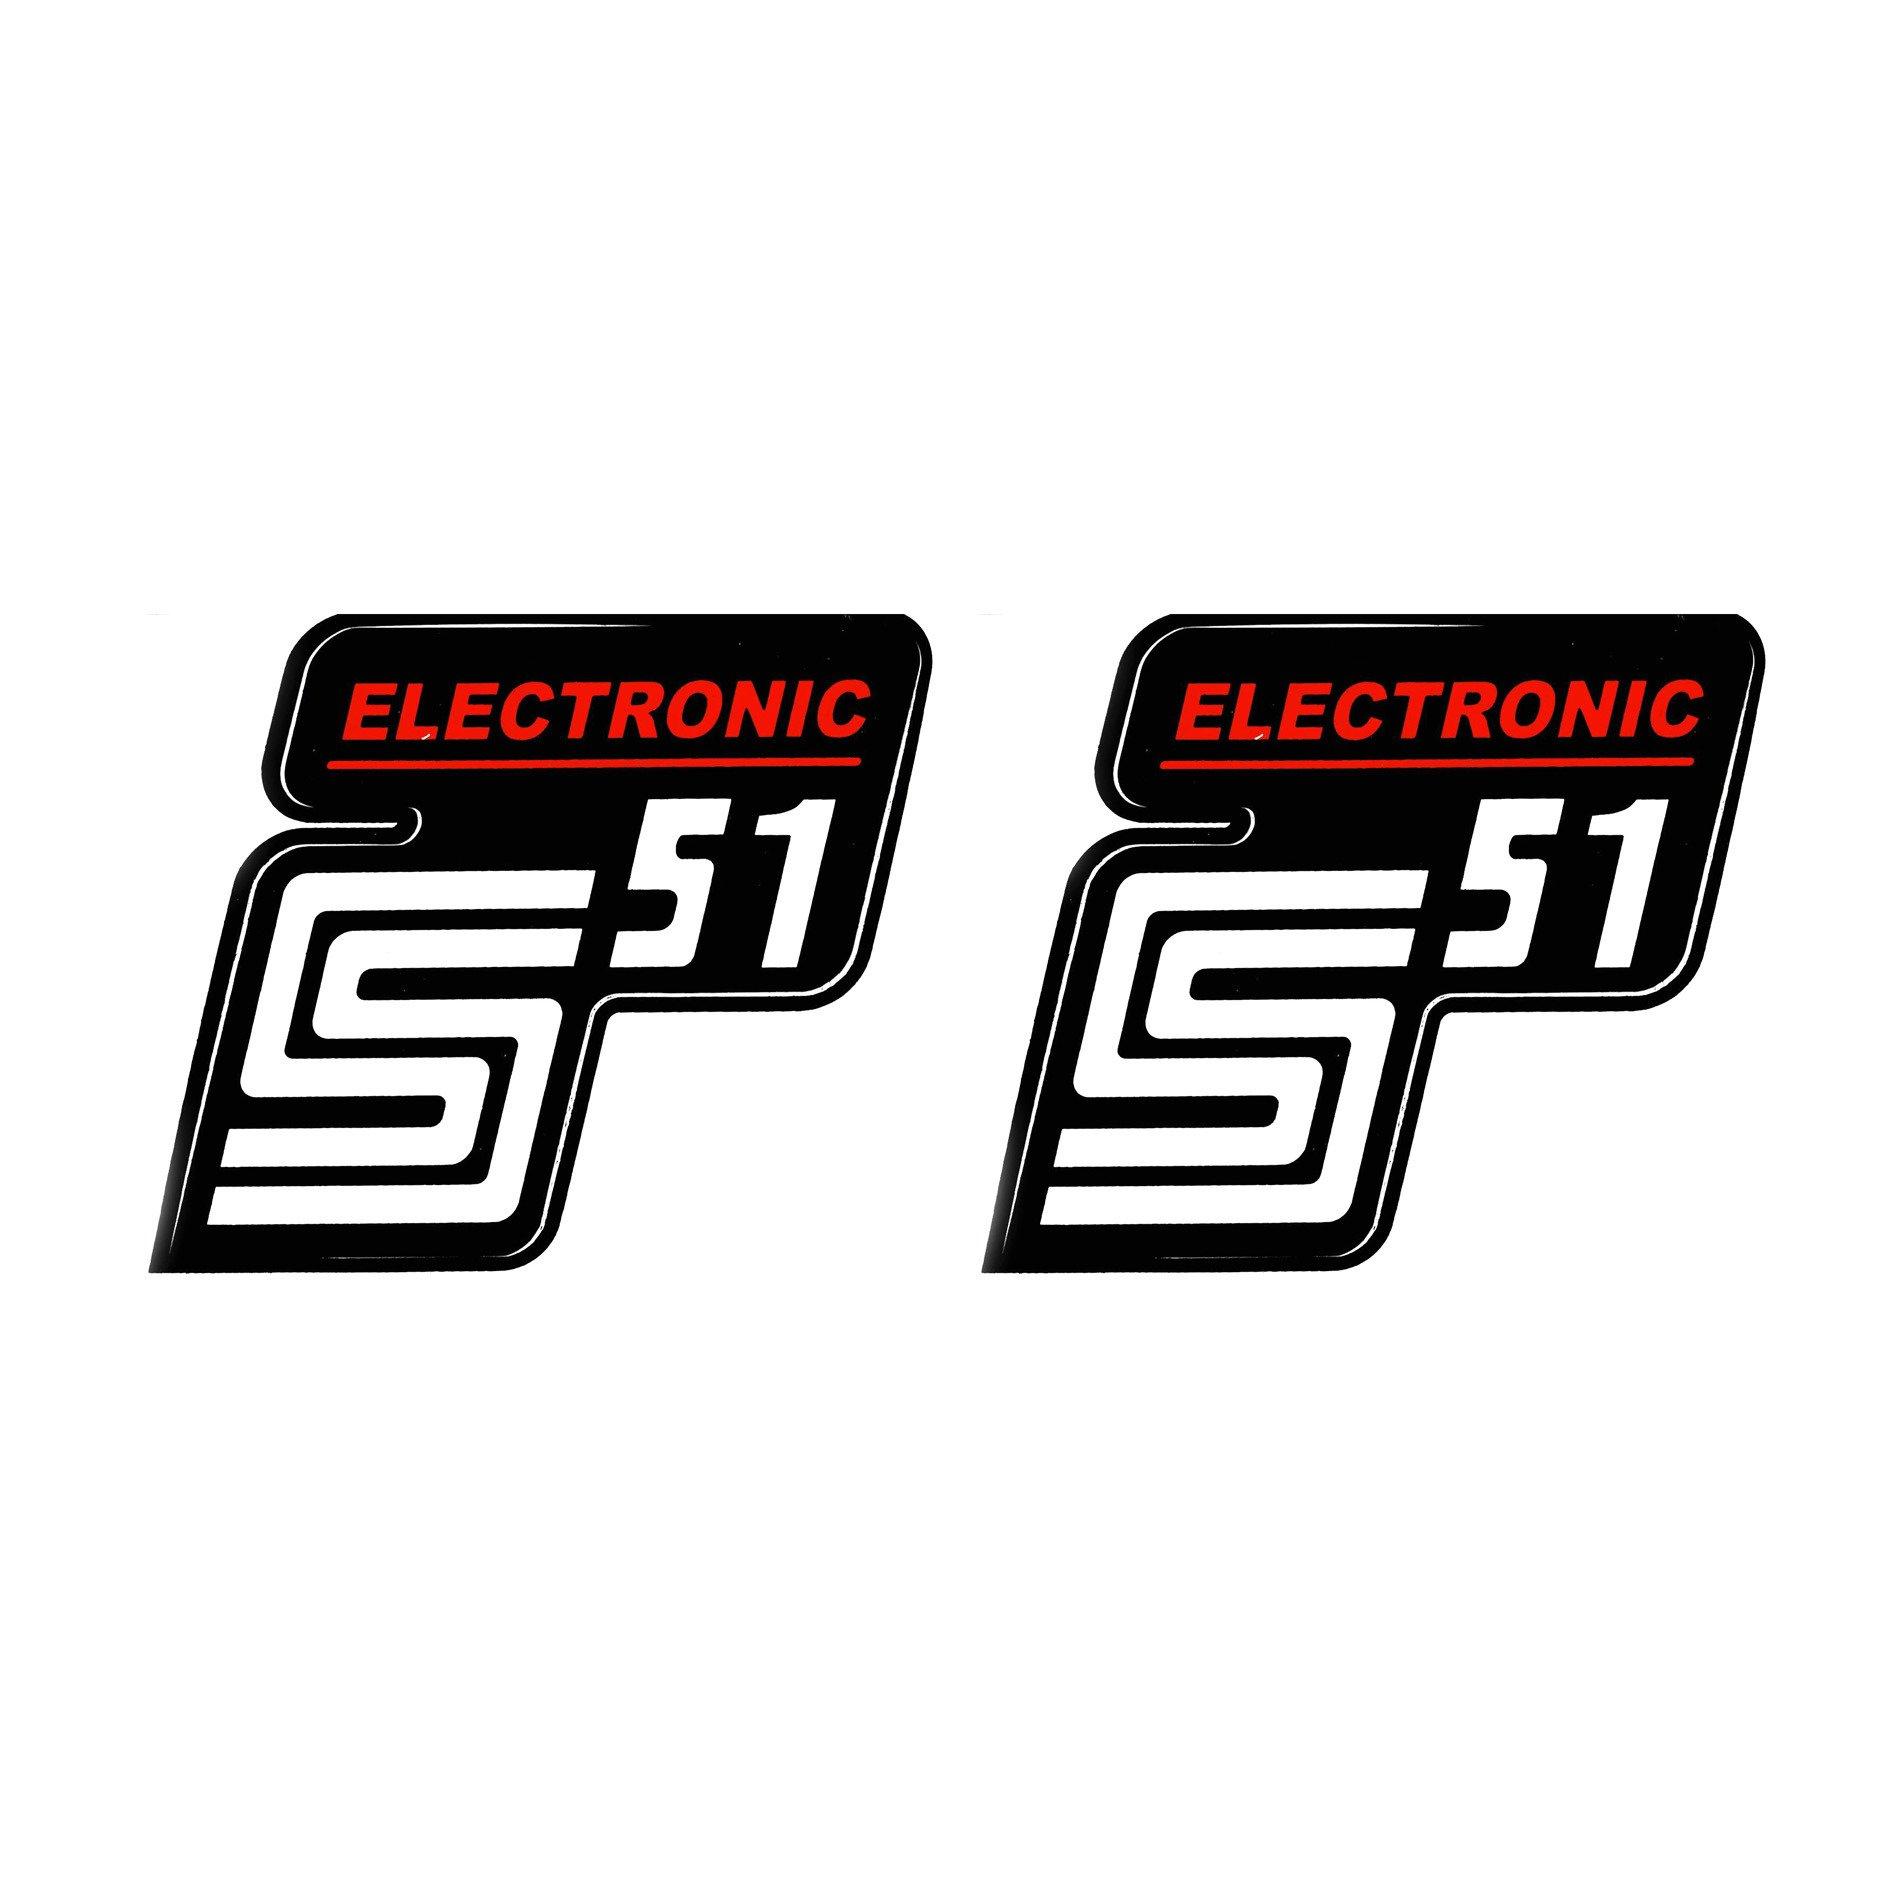 2x Aufkleber Für Simson S51 Electronic Rot Weiß 1qualität Uv Beständig Neu